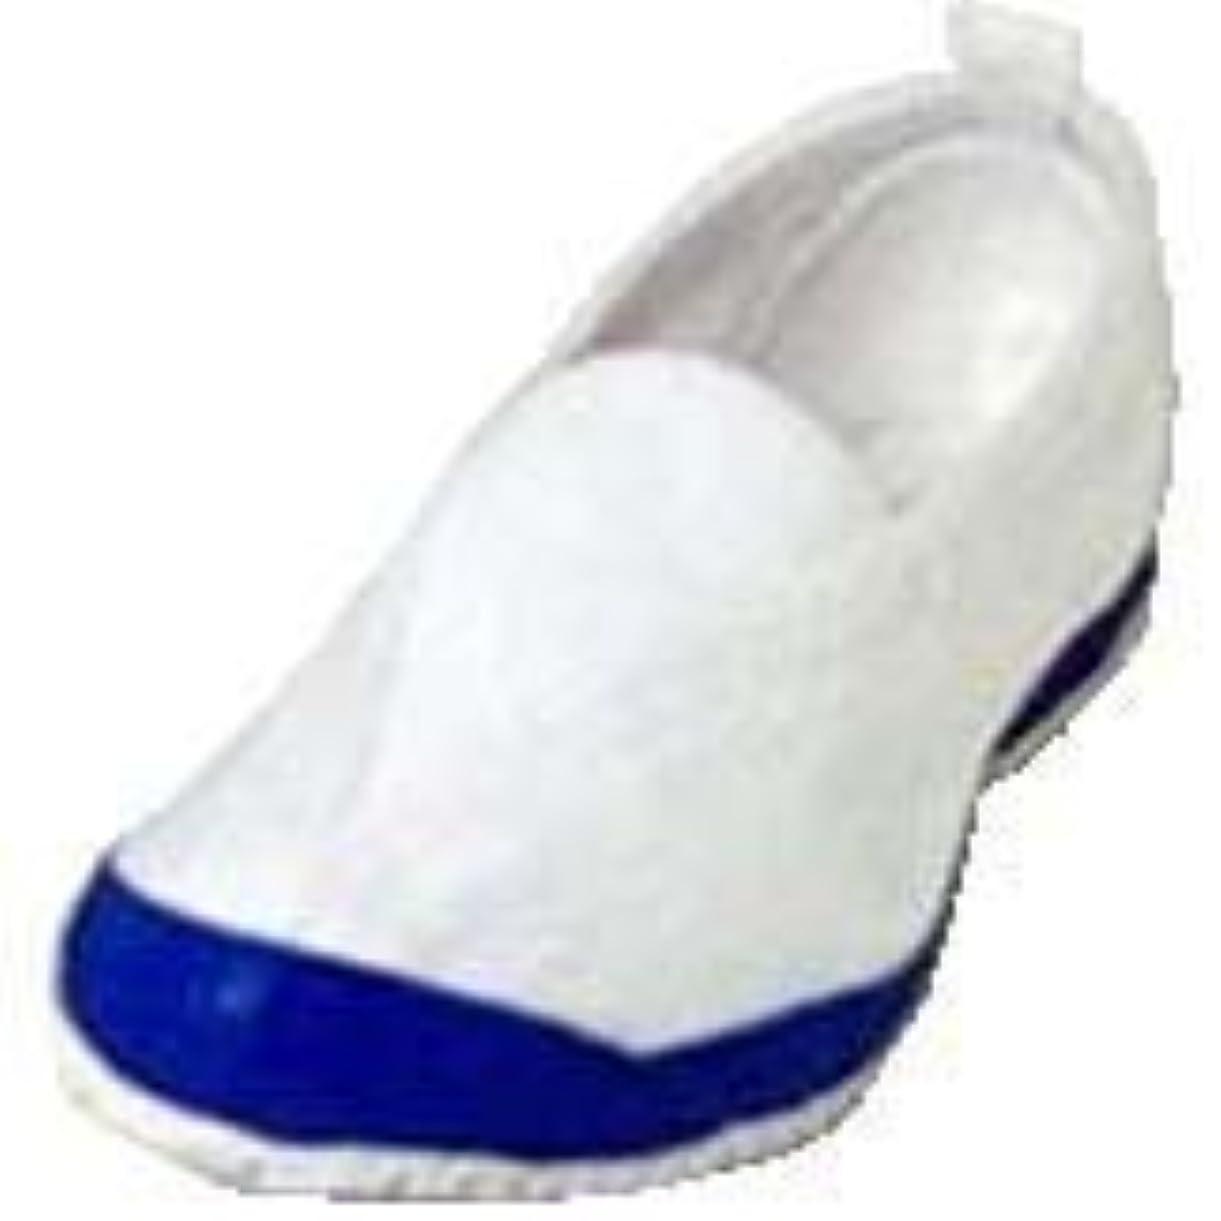 ワゴン見分ける語[ラッキーベル] 校内上履き 体育館履き兼用 カラー2号A コバルト サイズ24.0cm